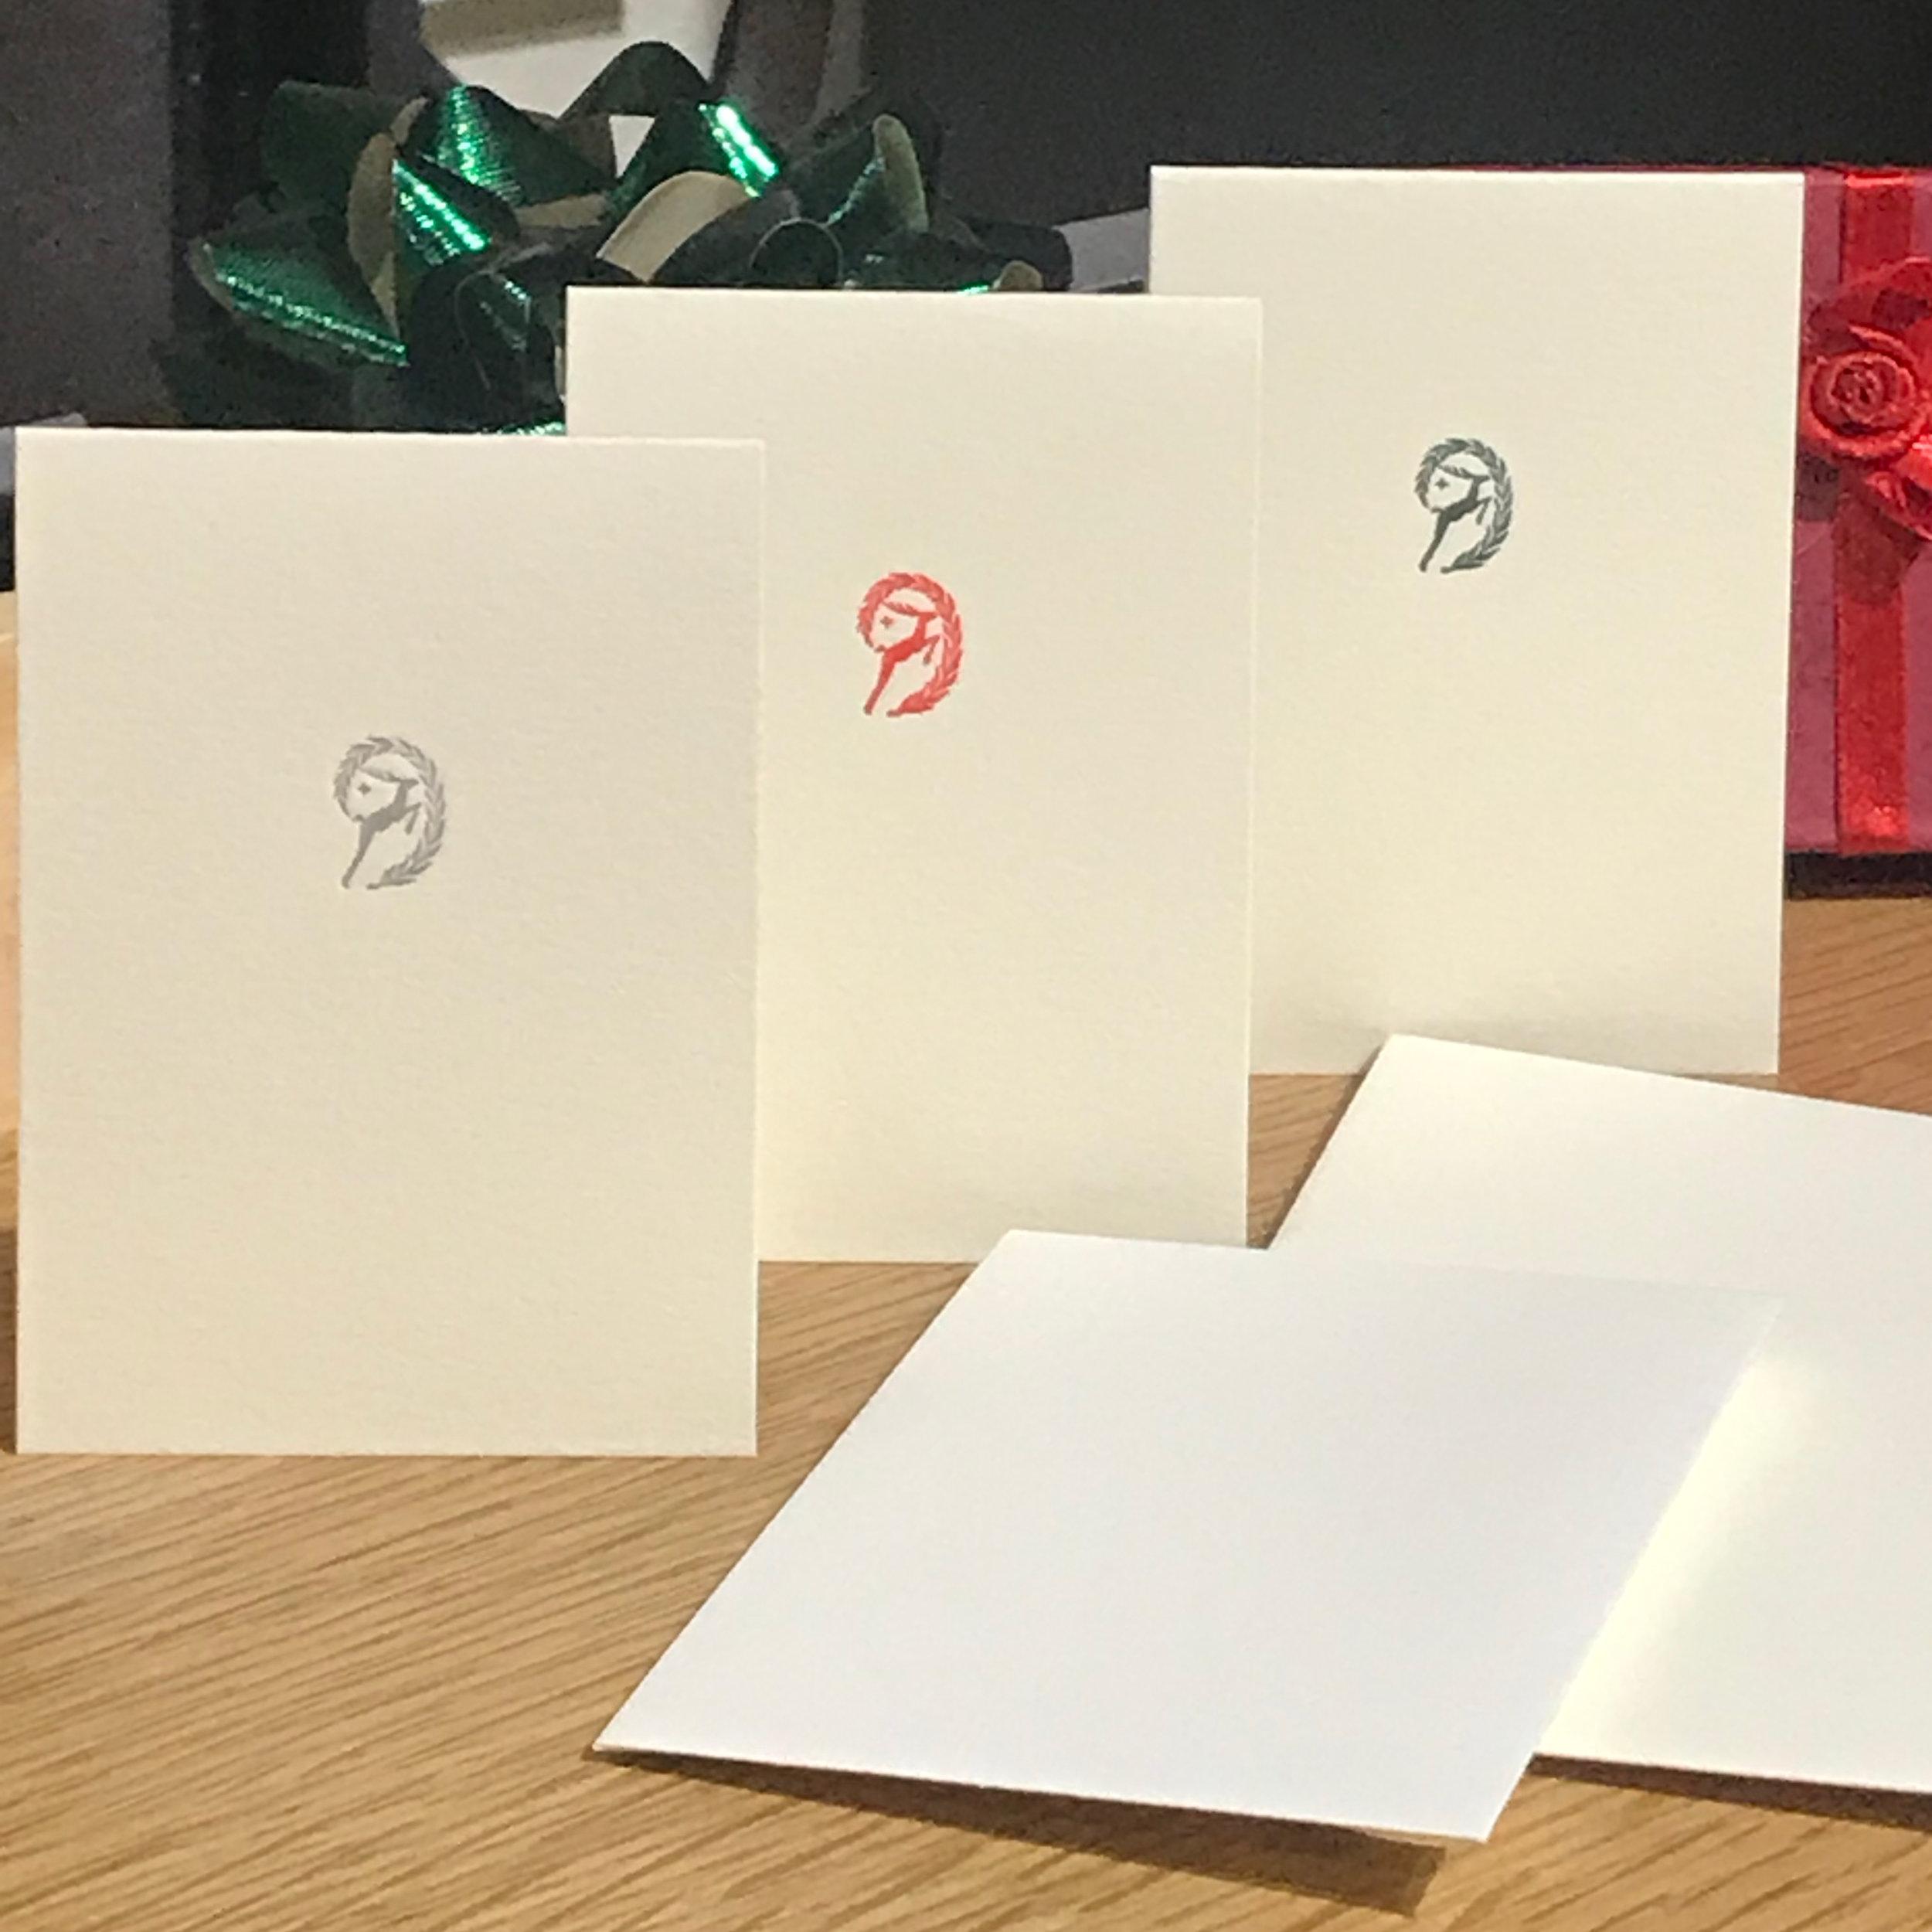 Letterpress Reindeer Mini Cards - Lisa M. Payne Studio